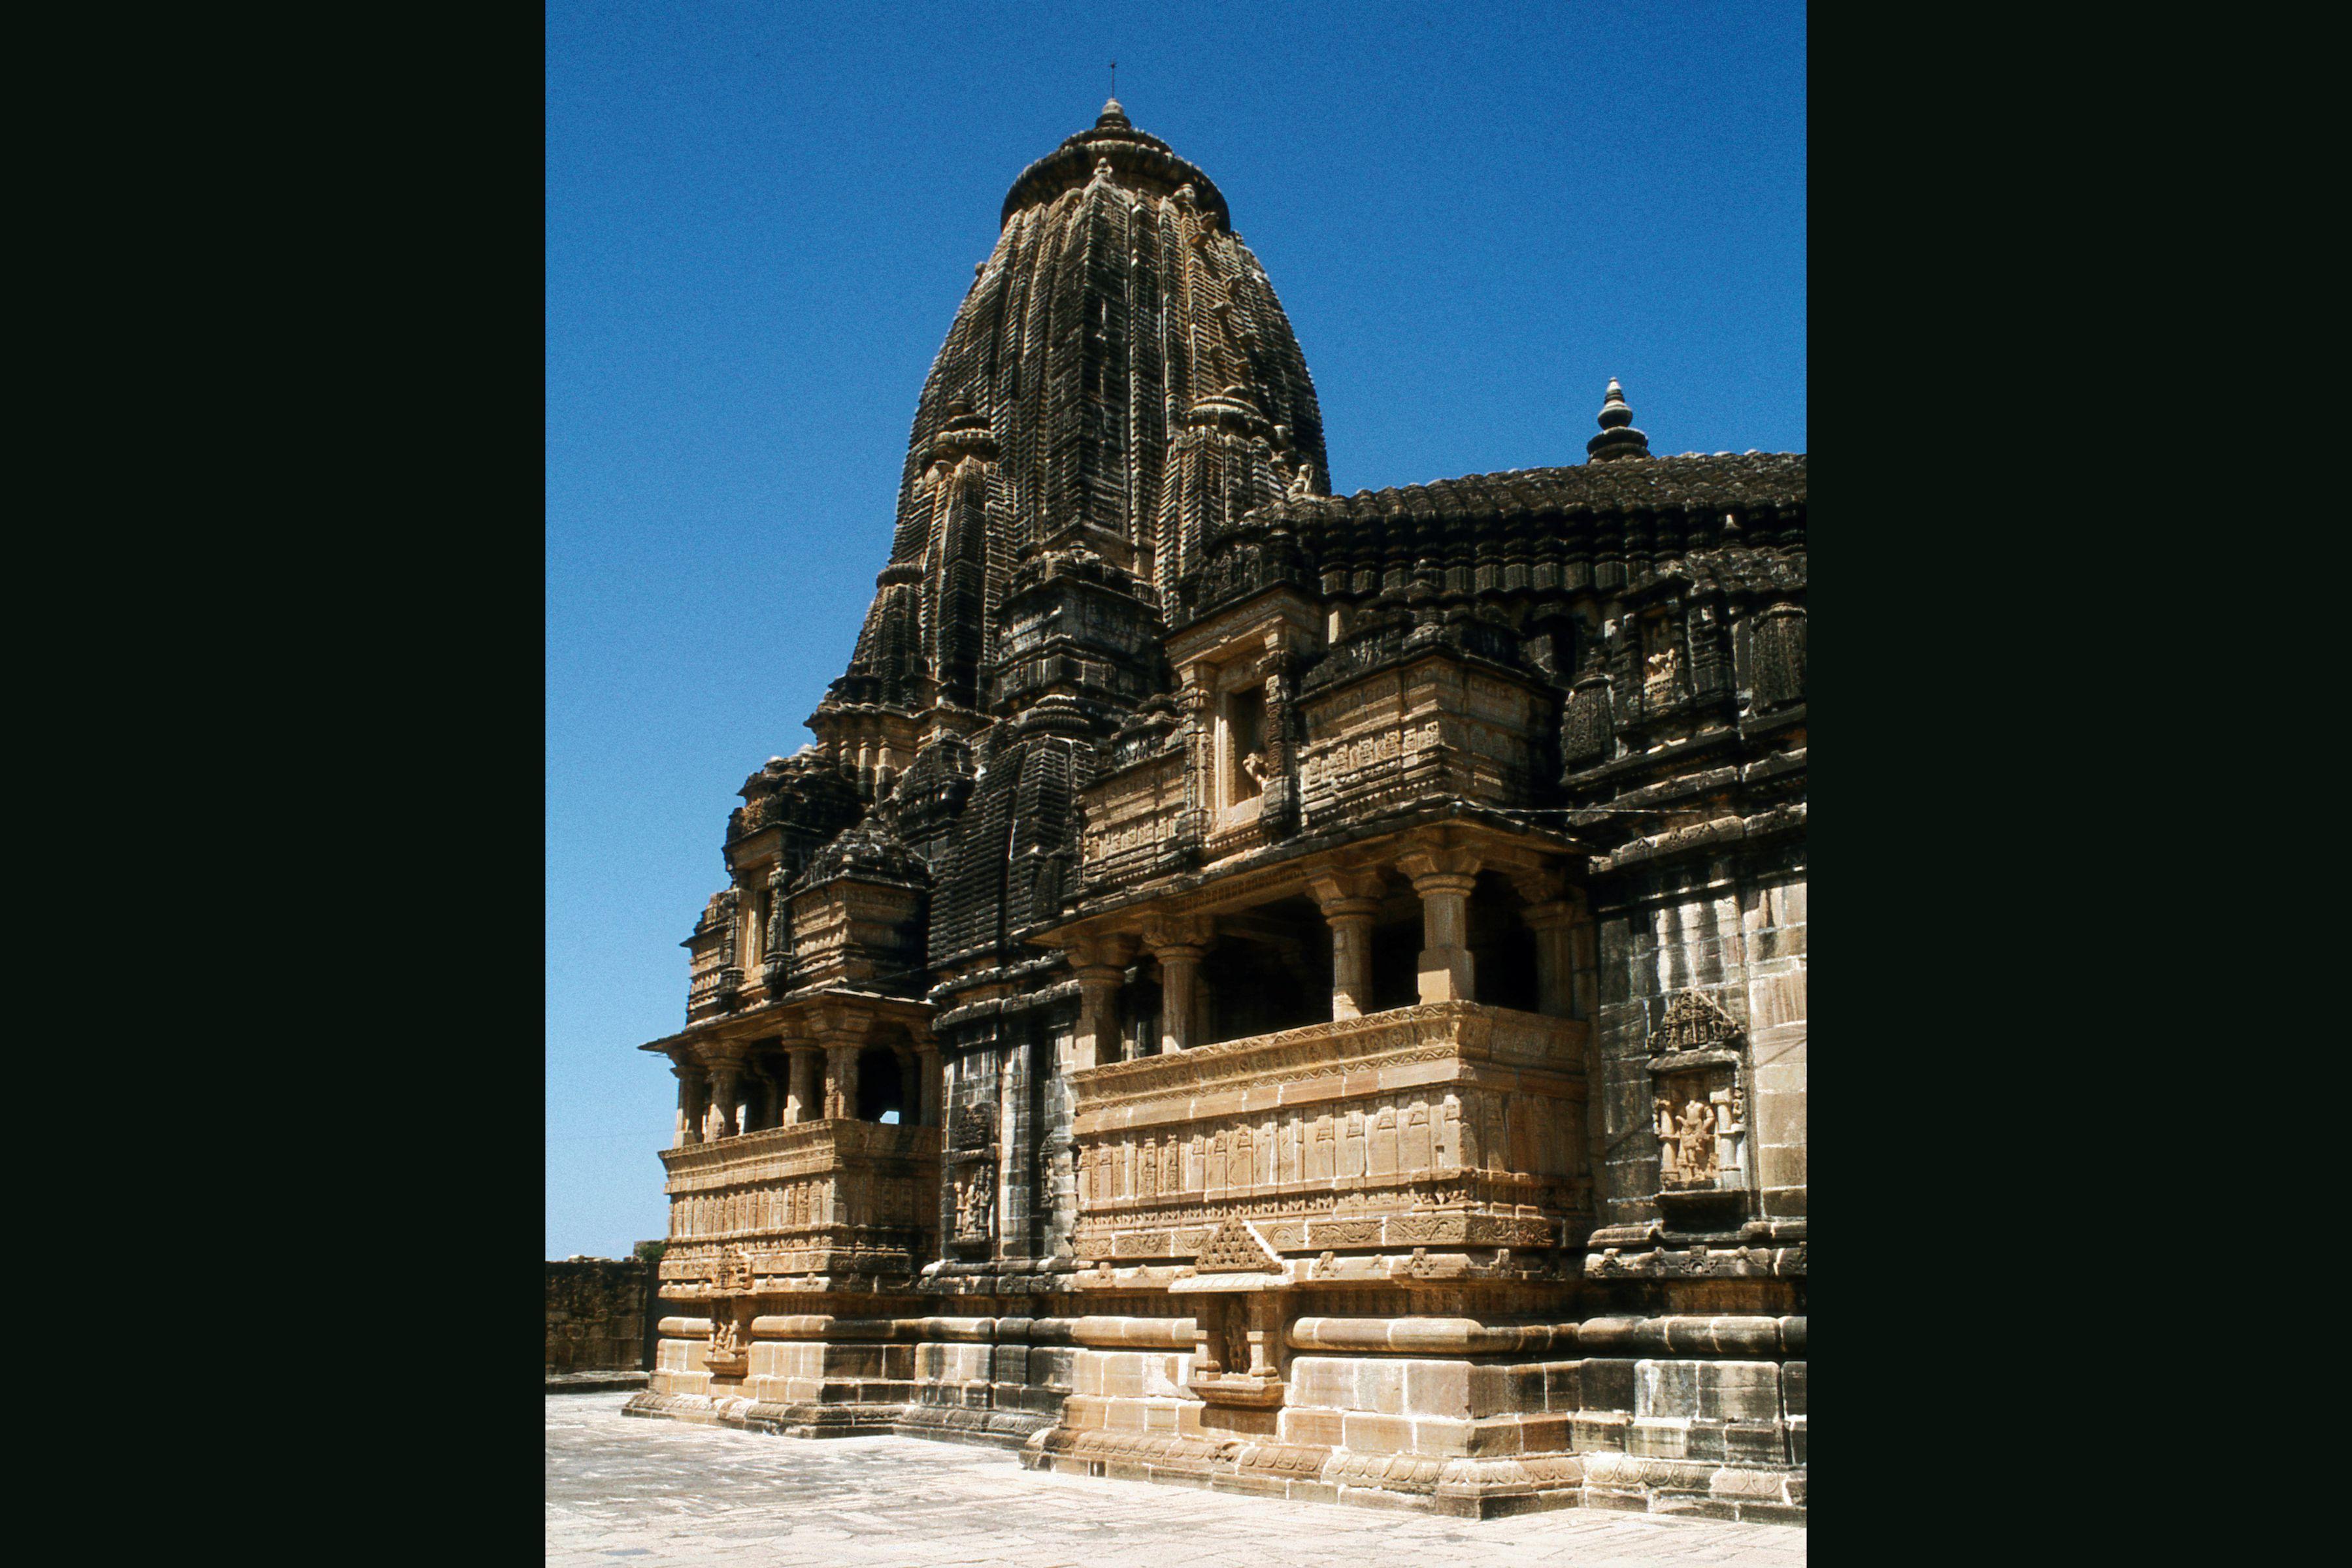 Temple of Mirabai, Chittaurgarh, Rajasthan, India, 16th century